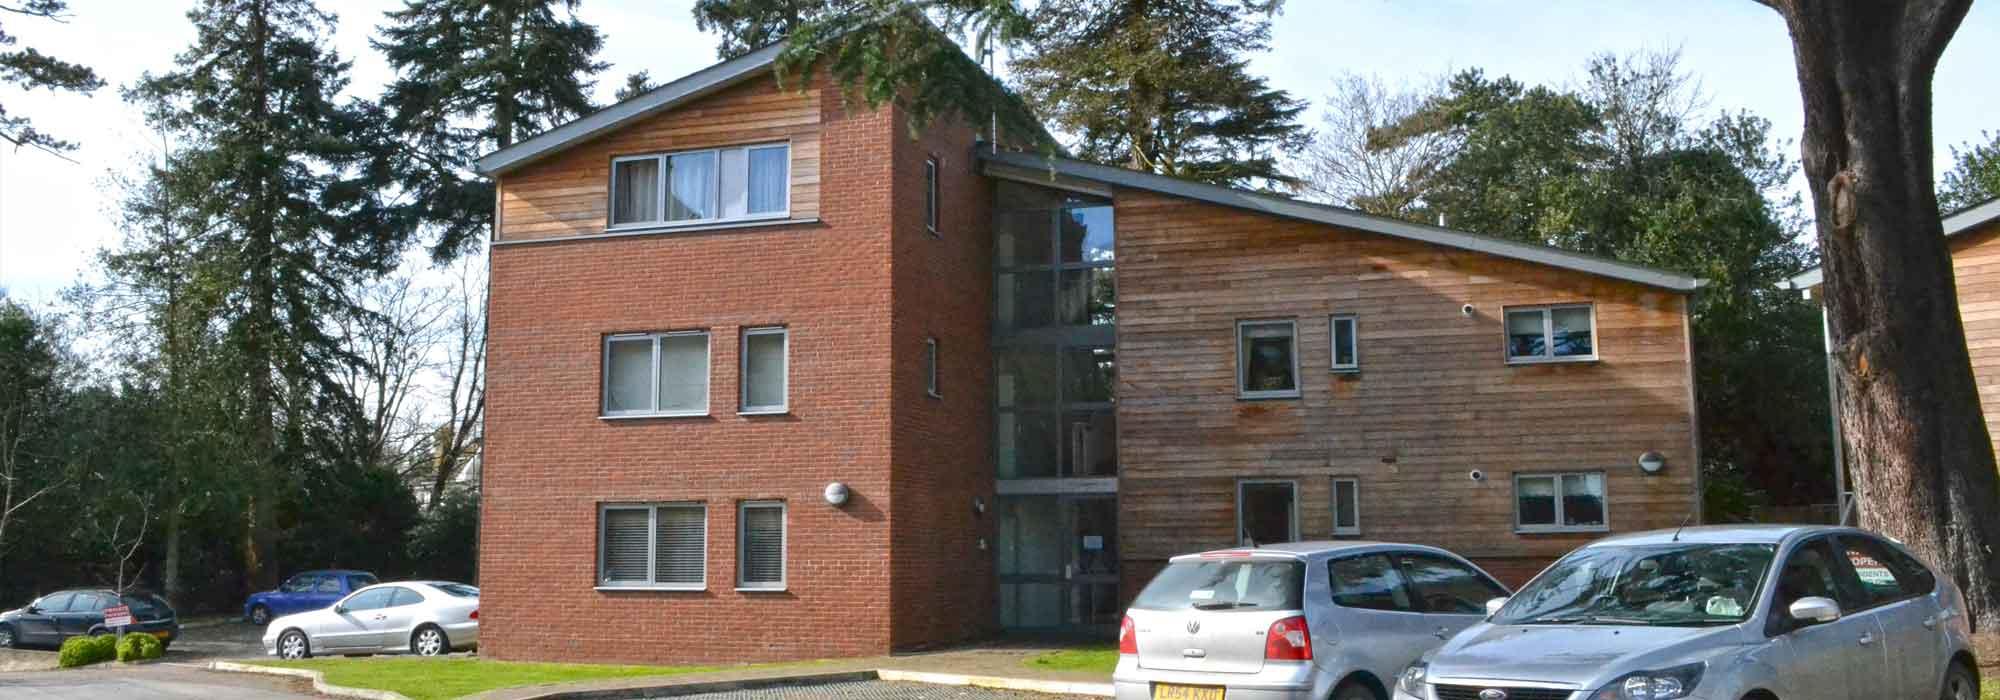 Chambers View, Upper Marsh Lane, Hoddesdon, Hertfordshire, EN11 8BN